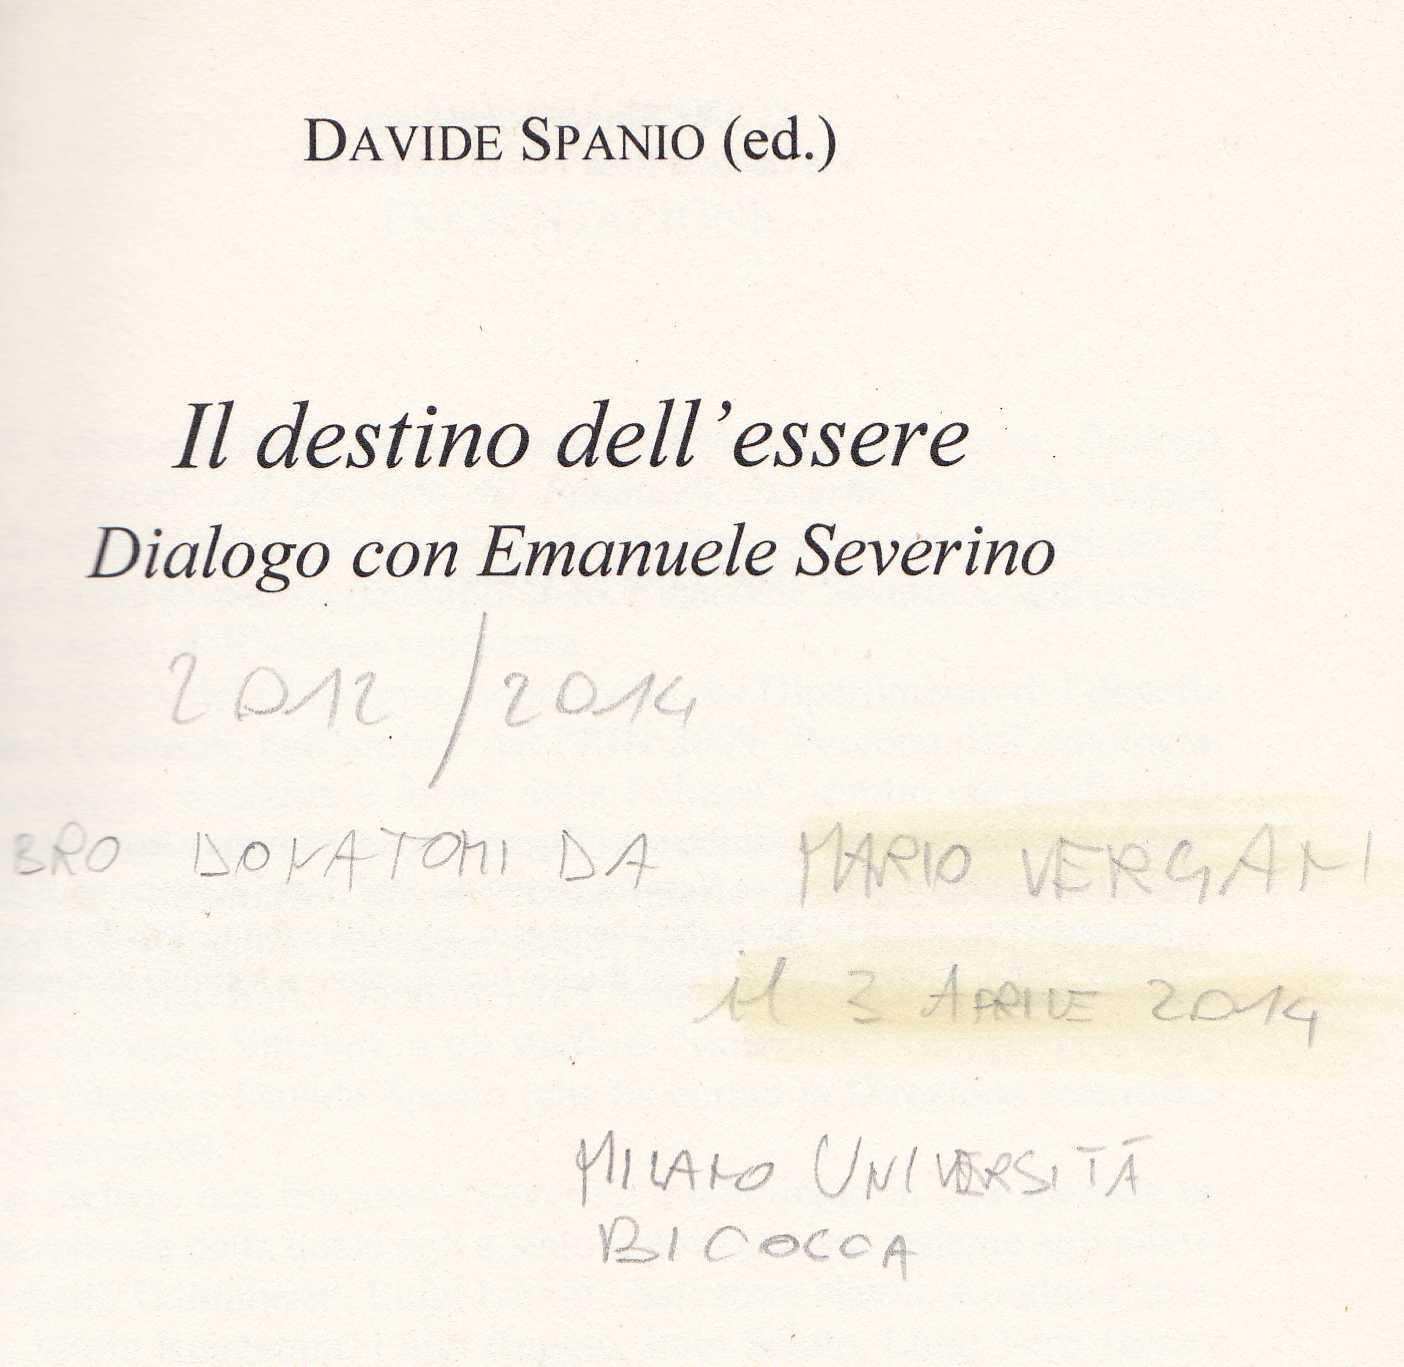 davide-spanio-29-30-maggio-20125144